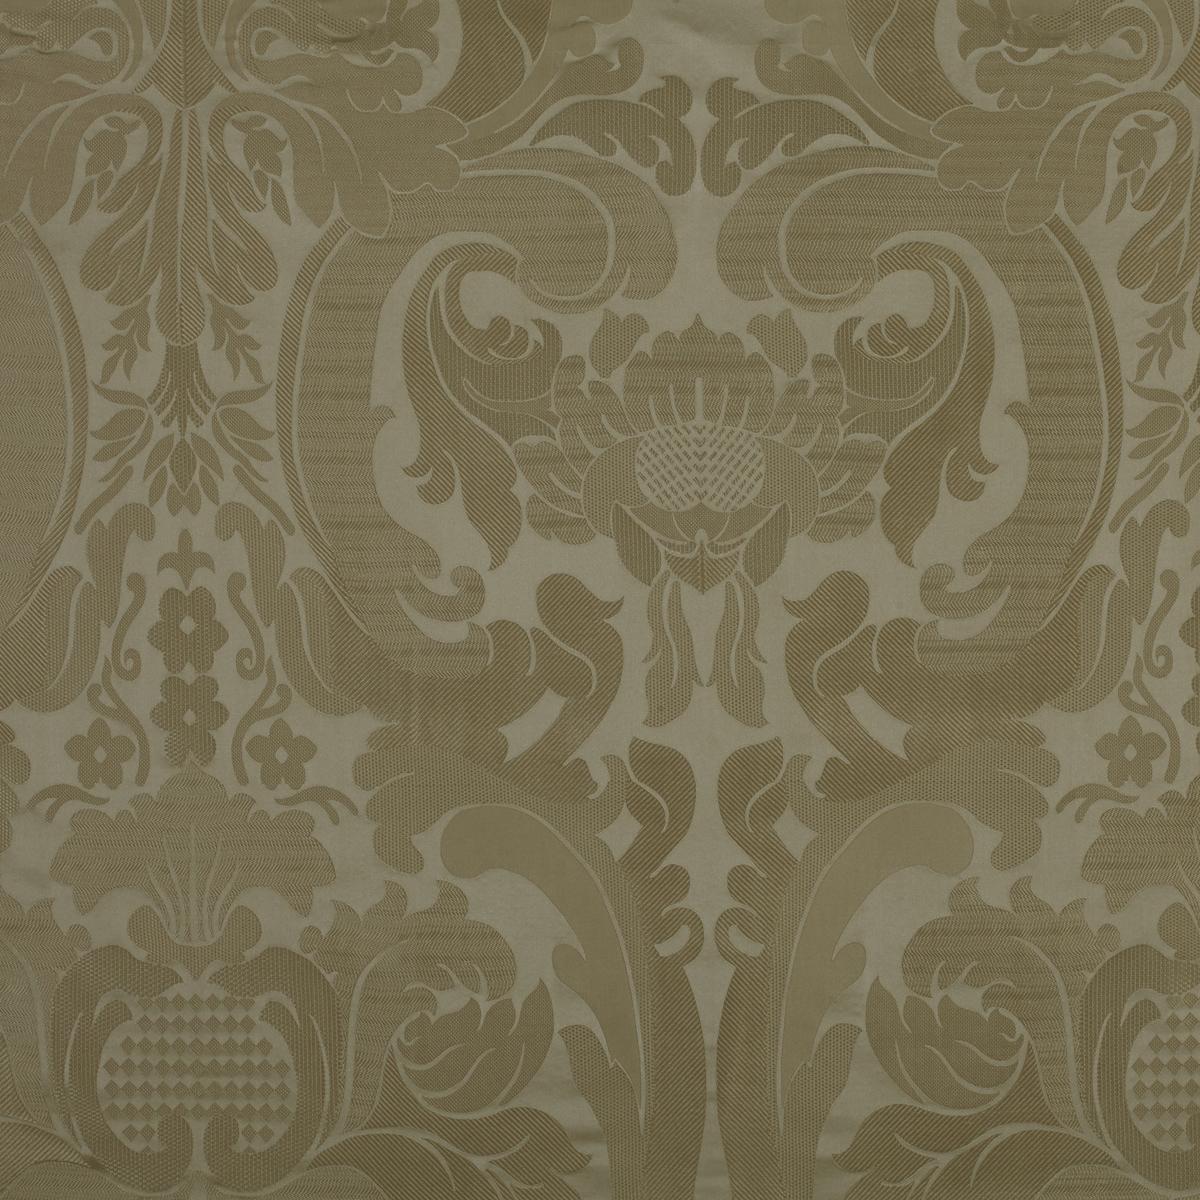 french damask metallic wallpaper - photo #11